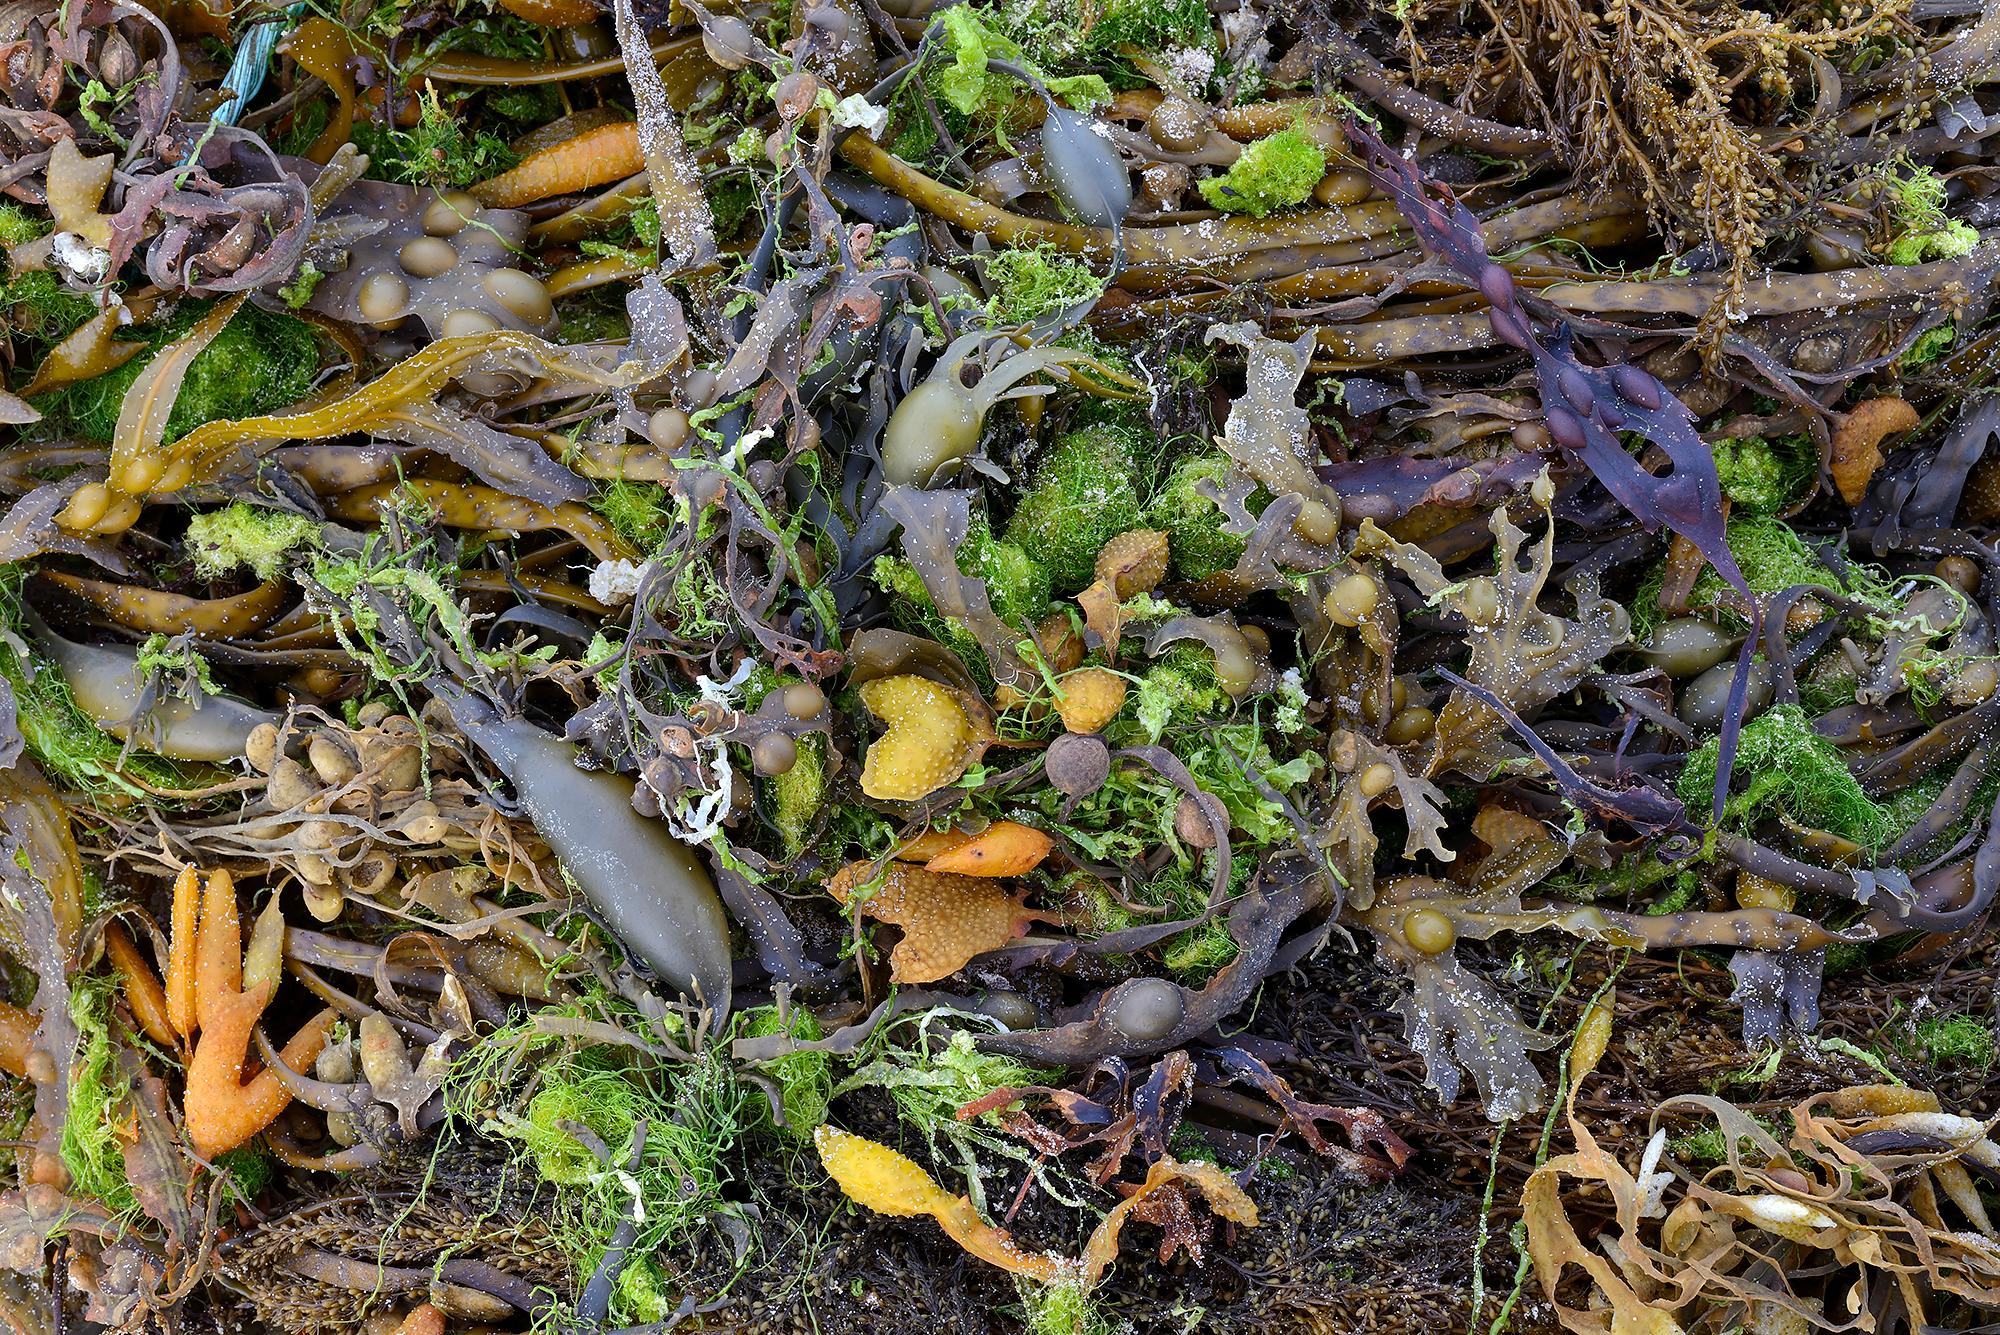 Verzameling van aangespoelde wieren in het vloedmerk op het strand van Egmond aan Zee.